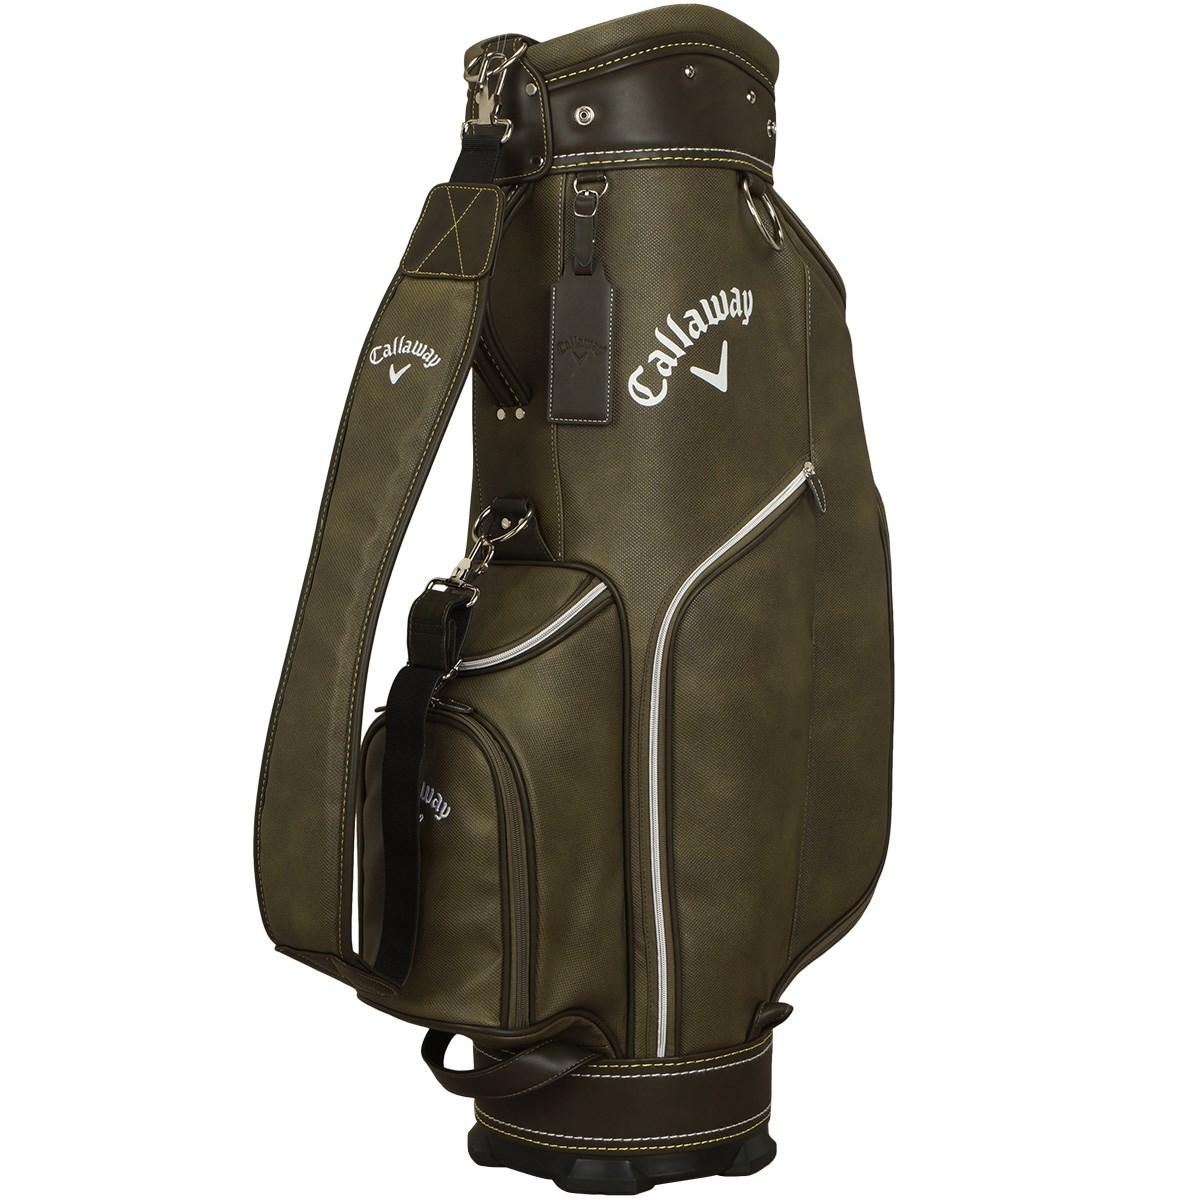 キャロウェイゴルフ(Callaway Golf) BG CT VNS-II キャディバッグ